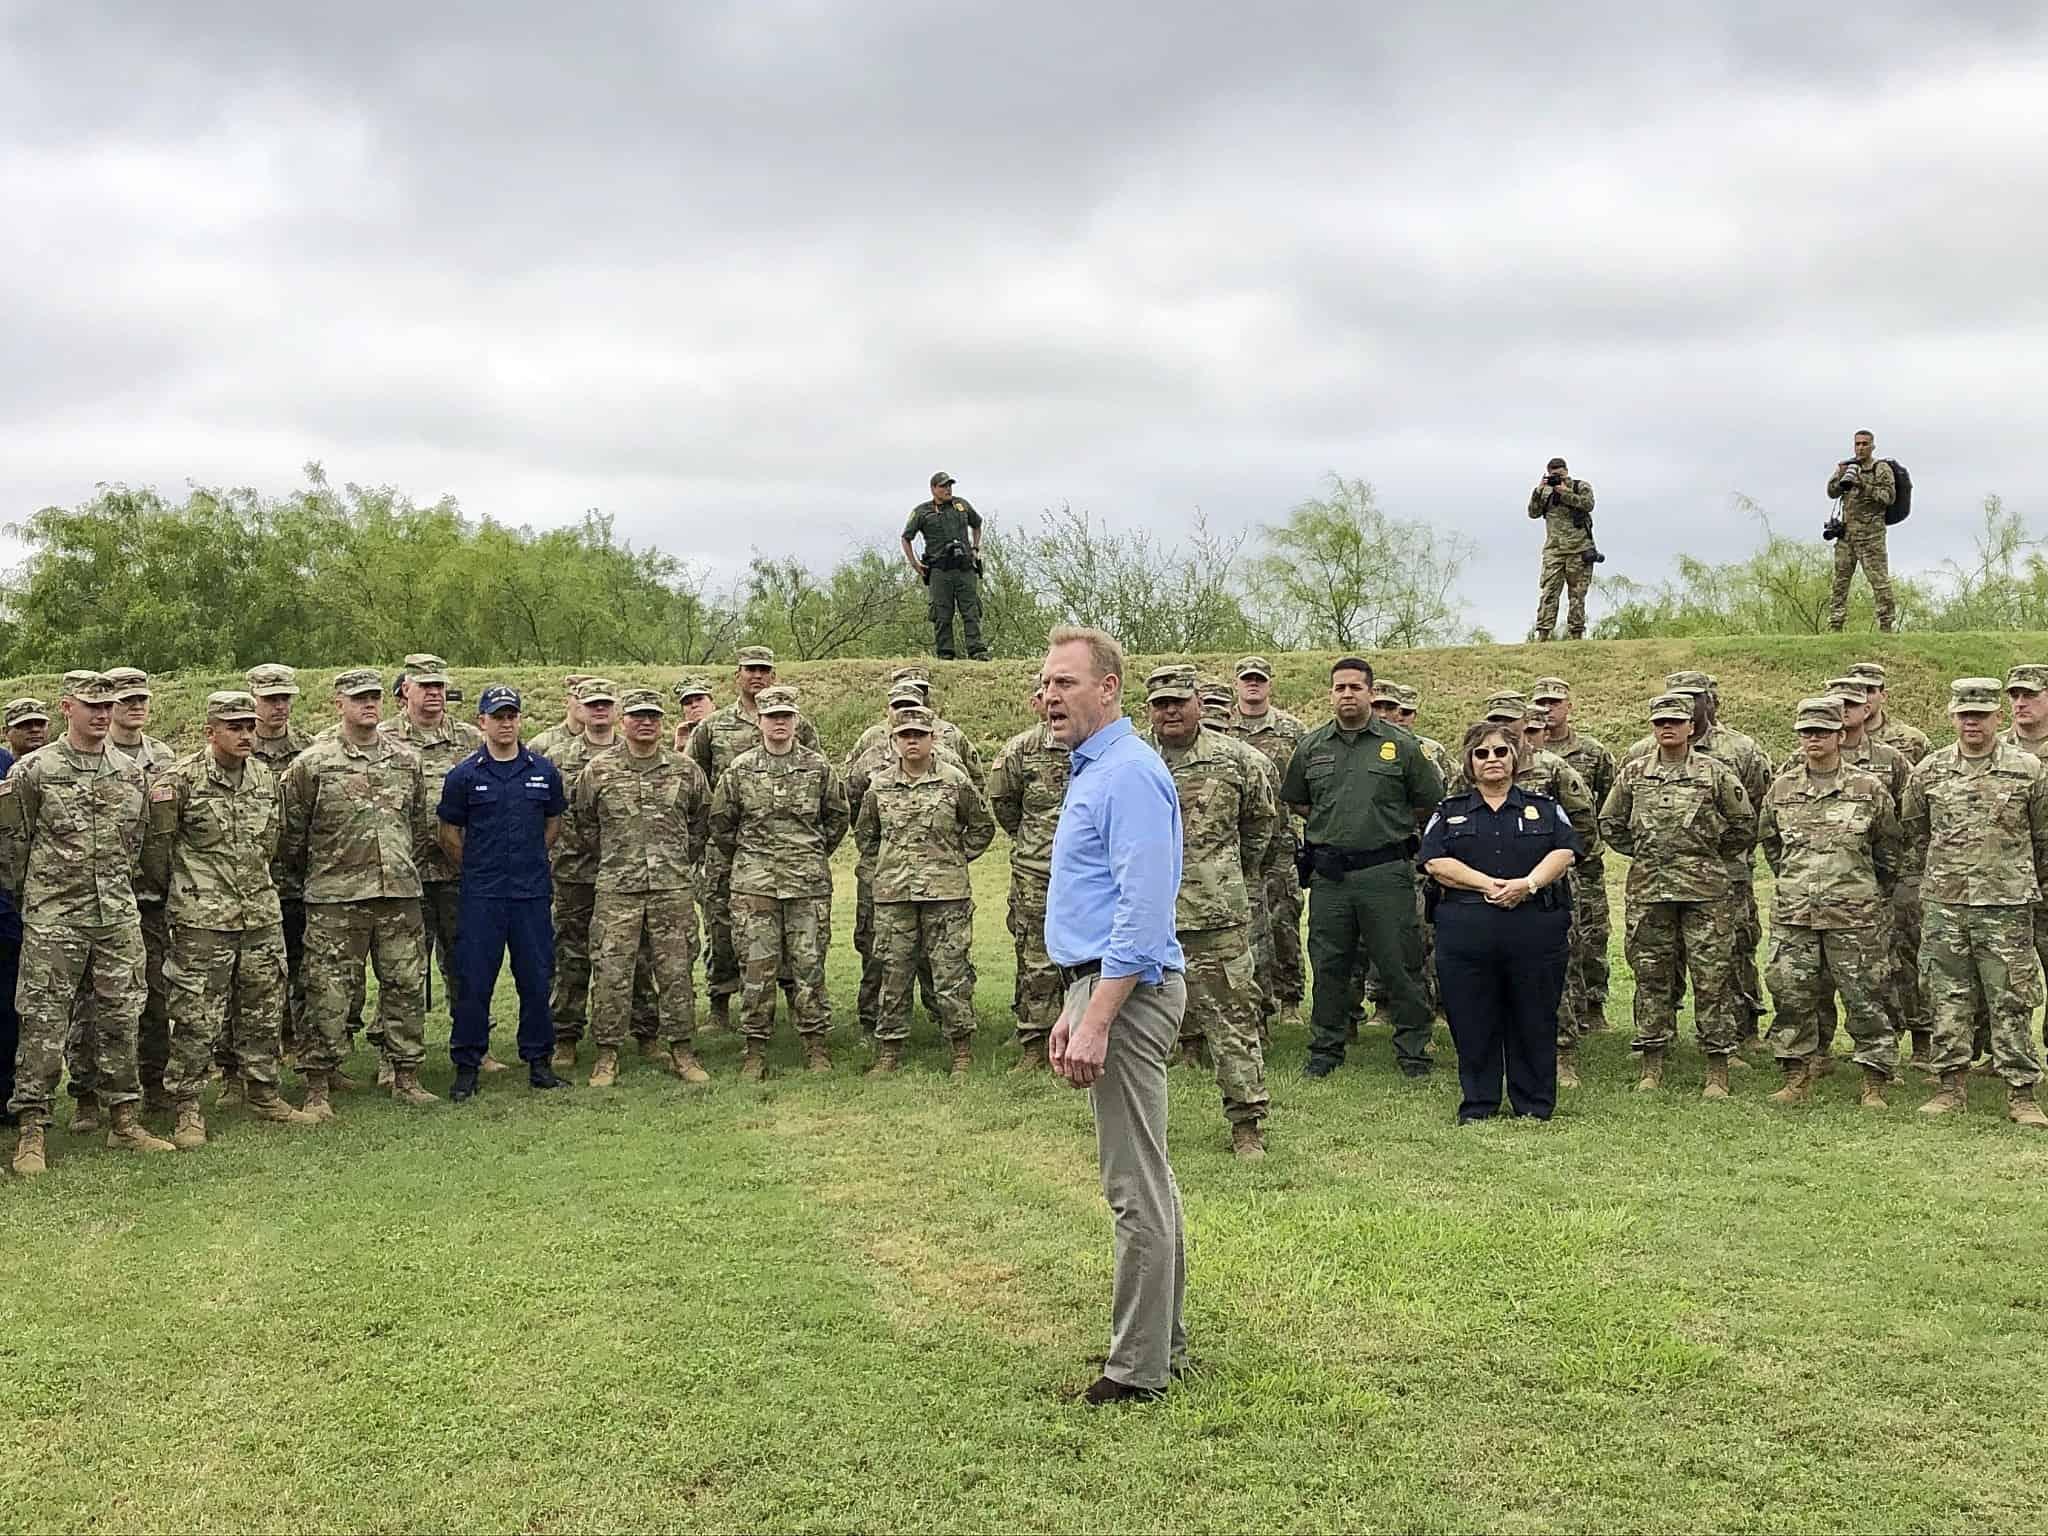 פטריק שנהאן במפגש עם אנשי צבא אמריקאים (צילום: AP Photo/Robert Burns)